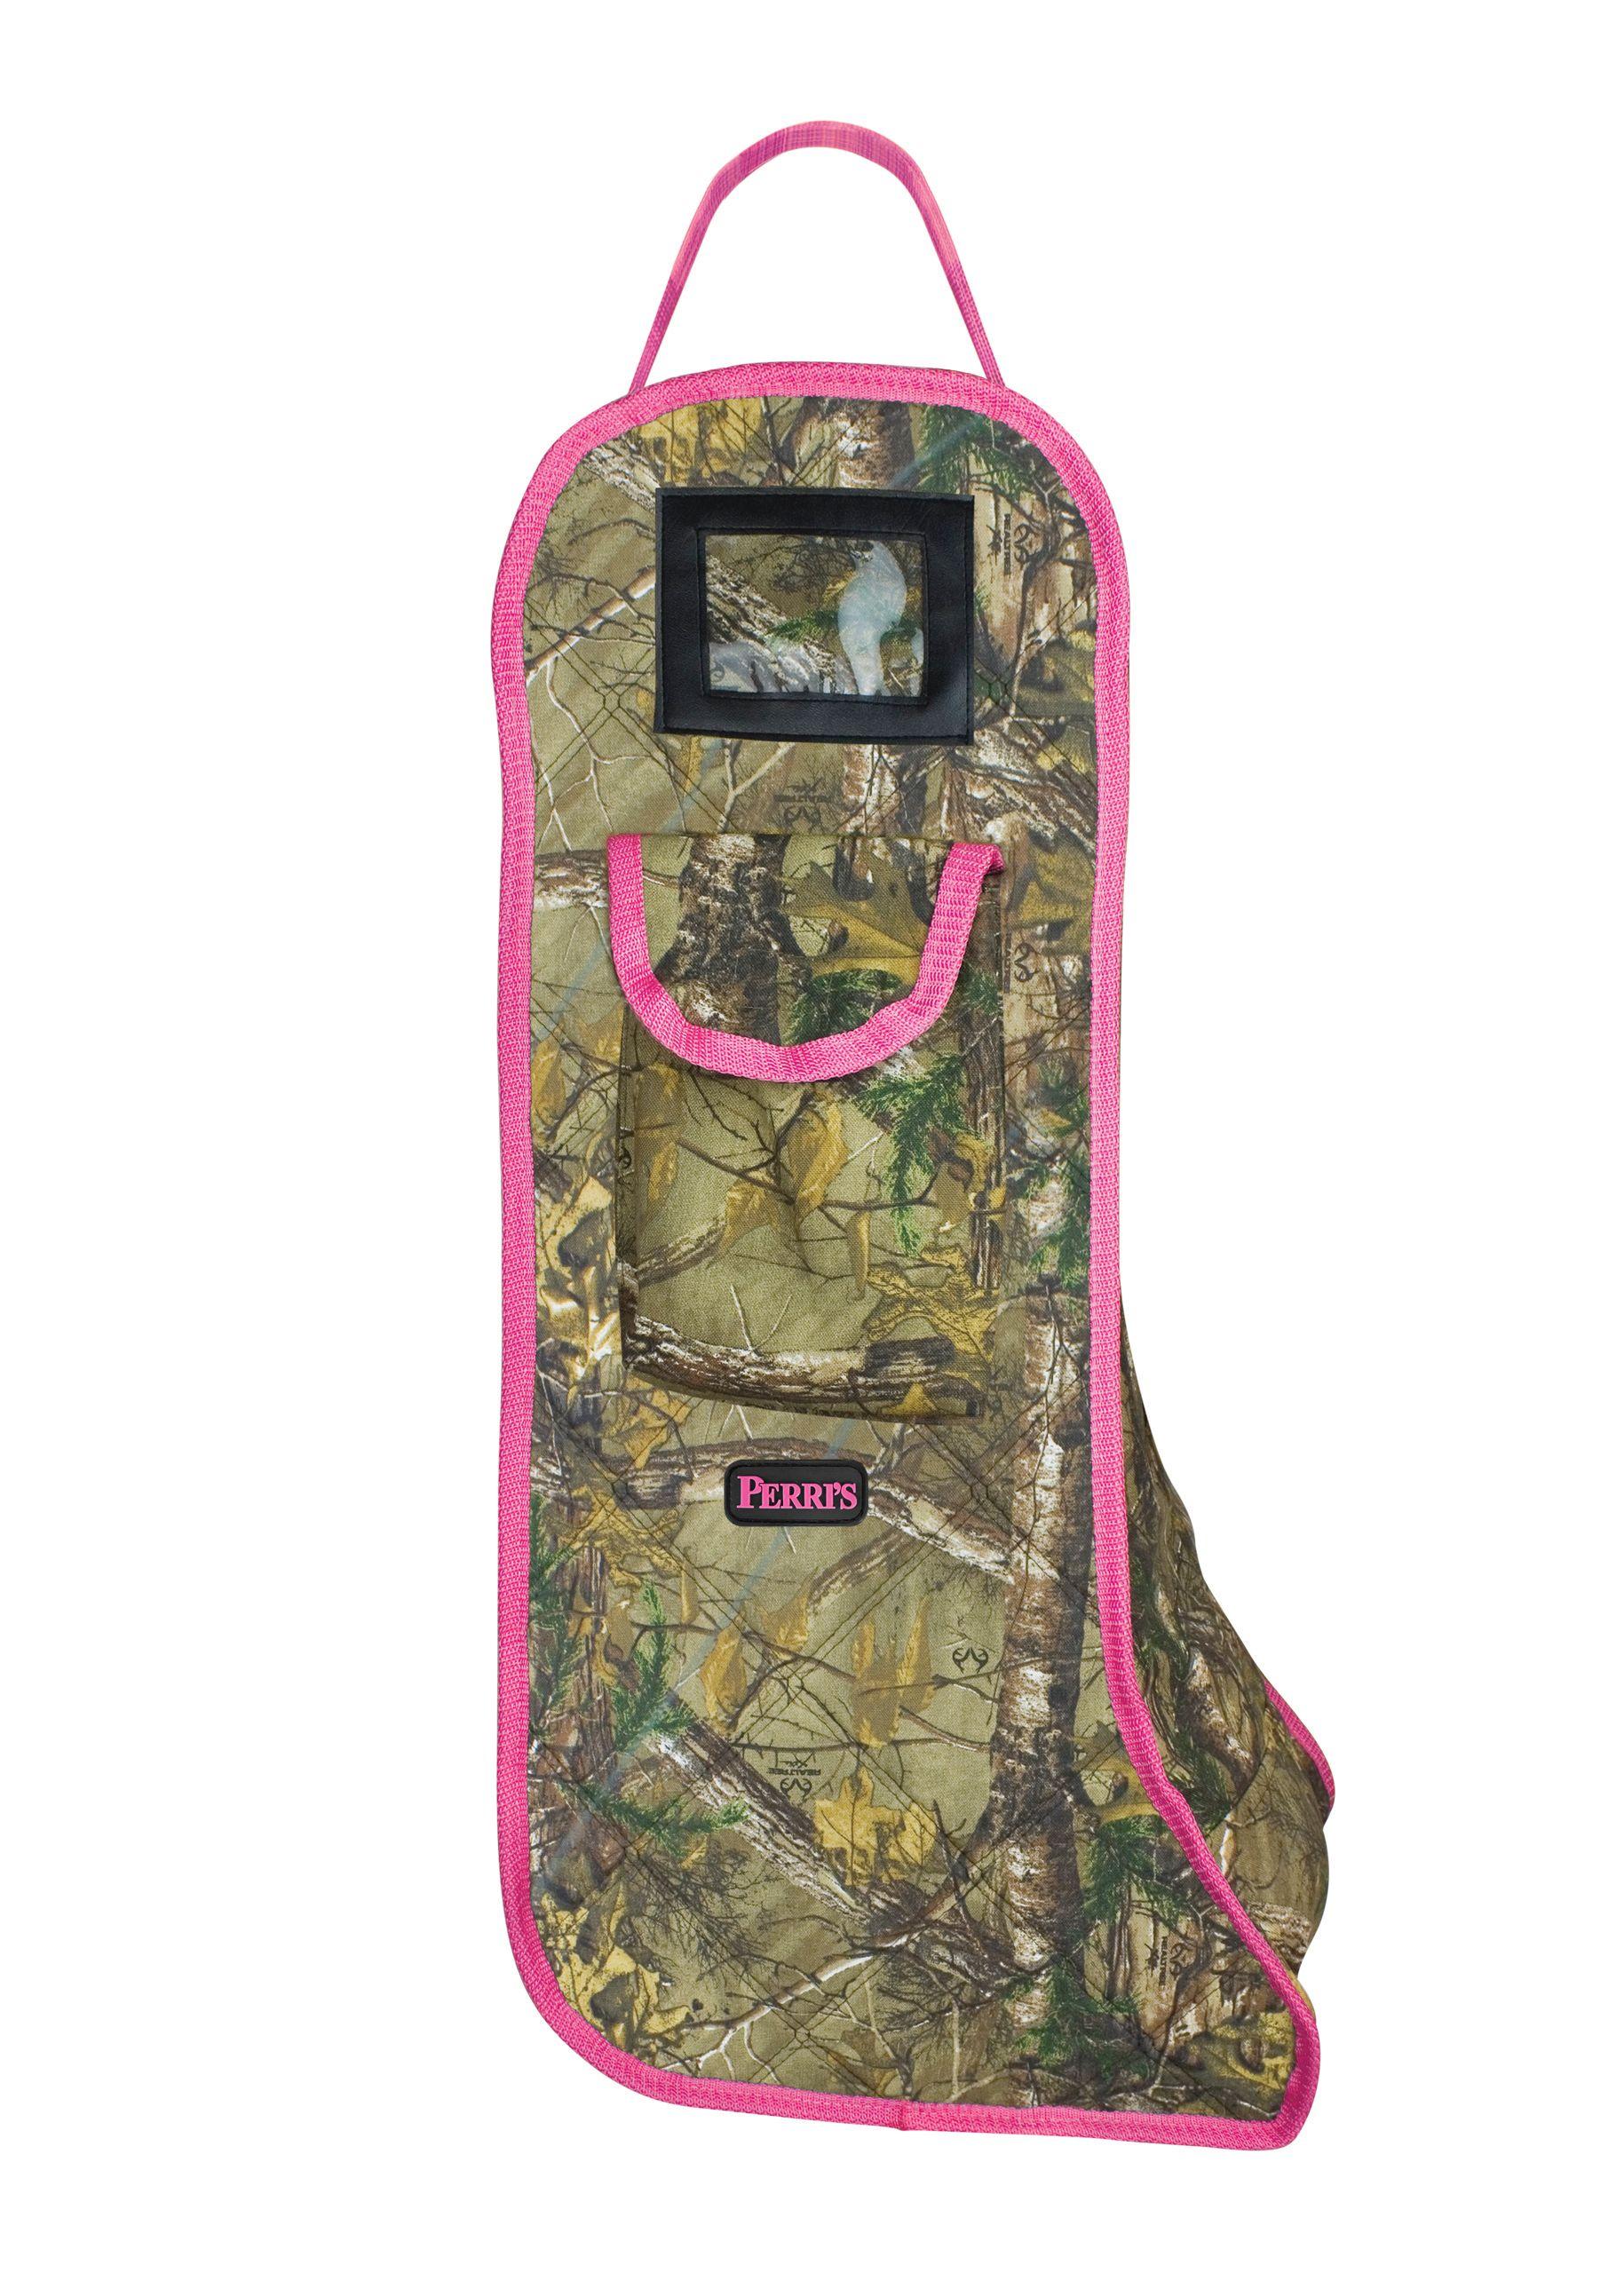 Perris Real Tree Premium Boot Bag